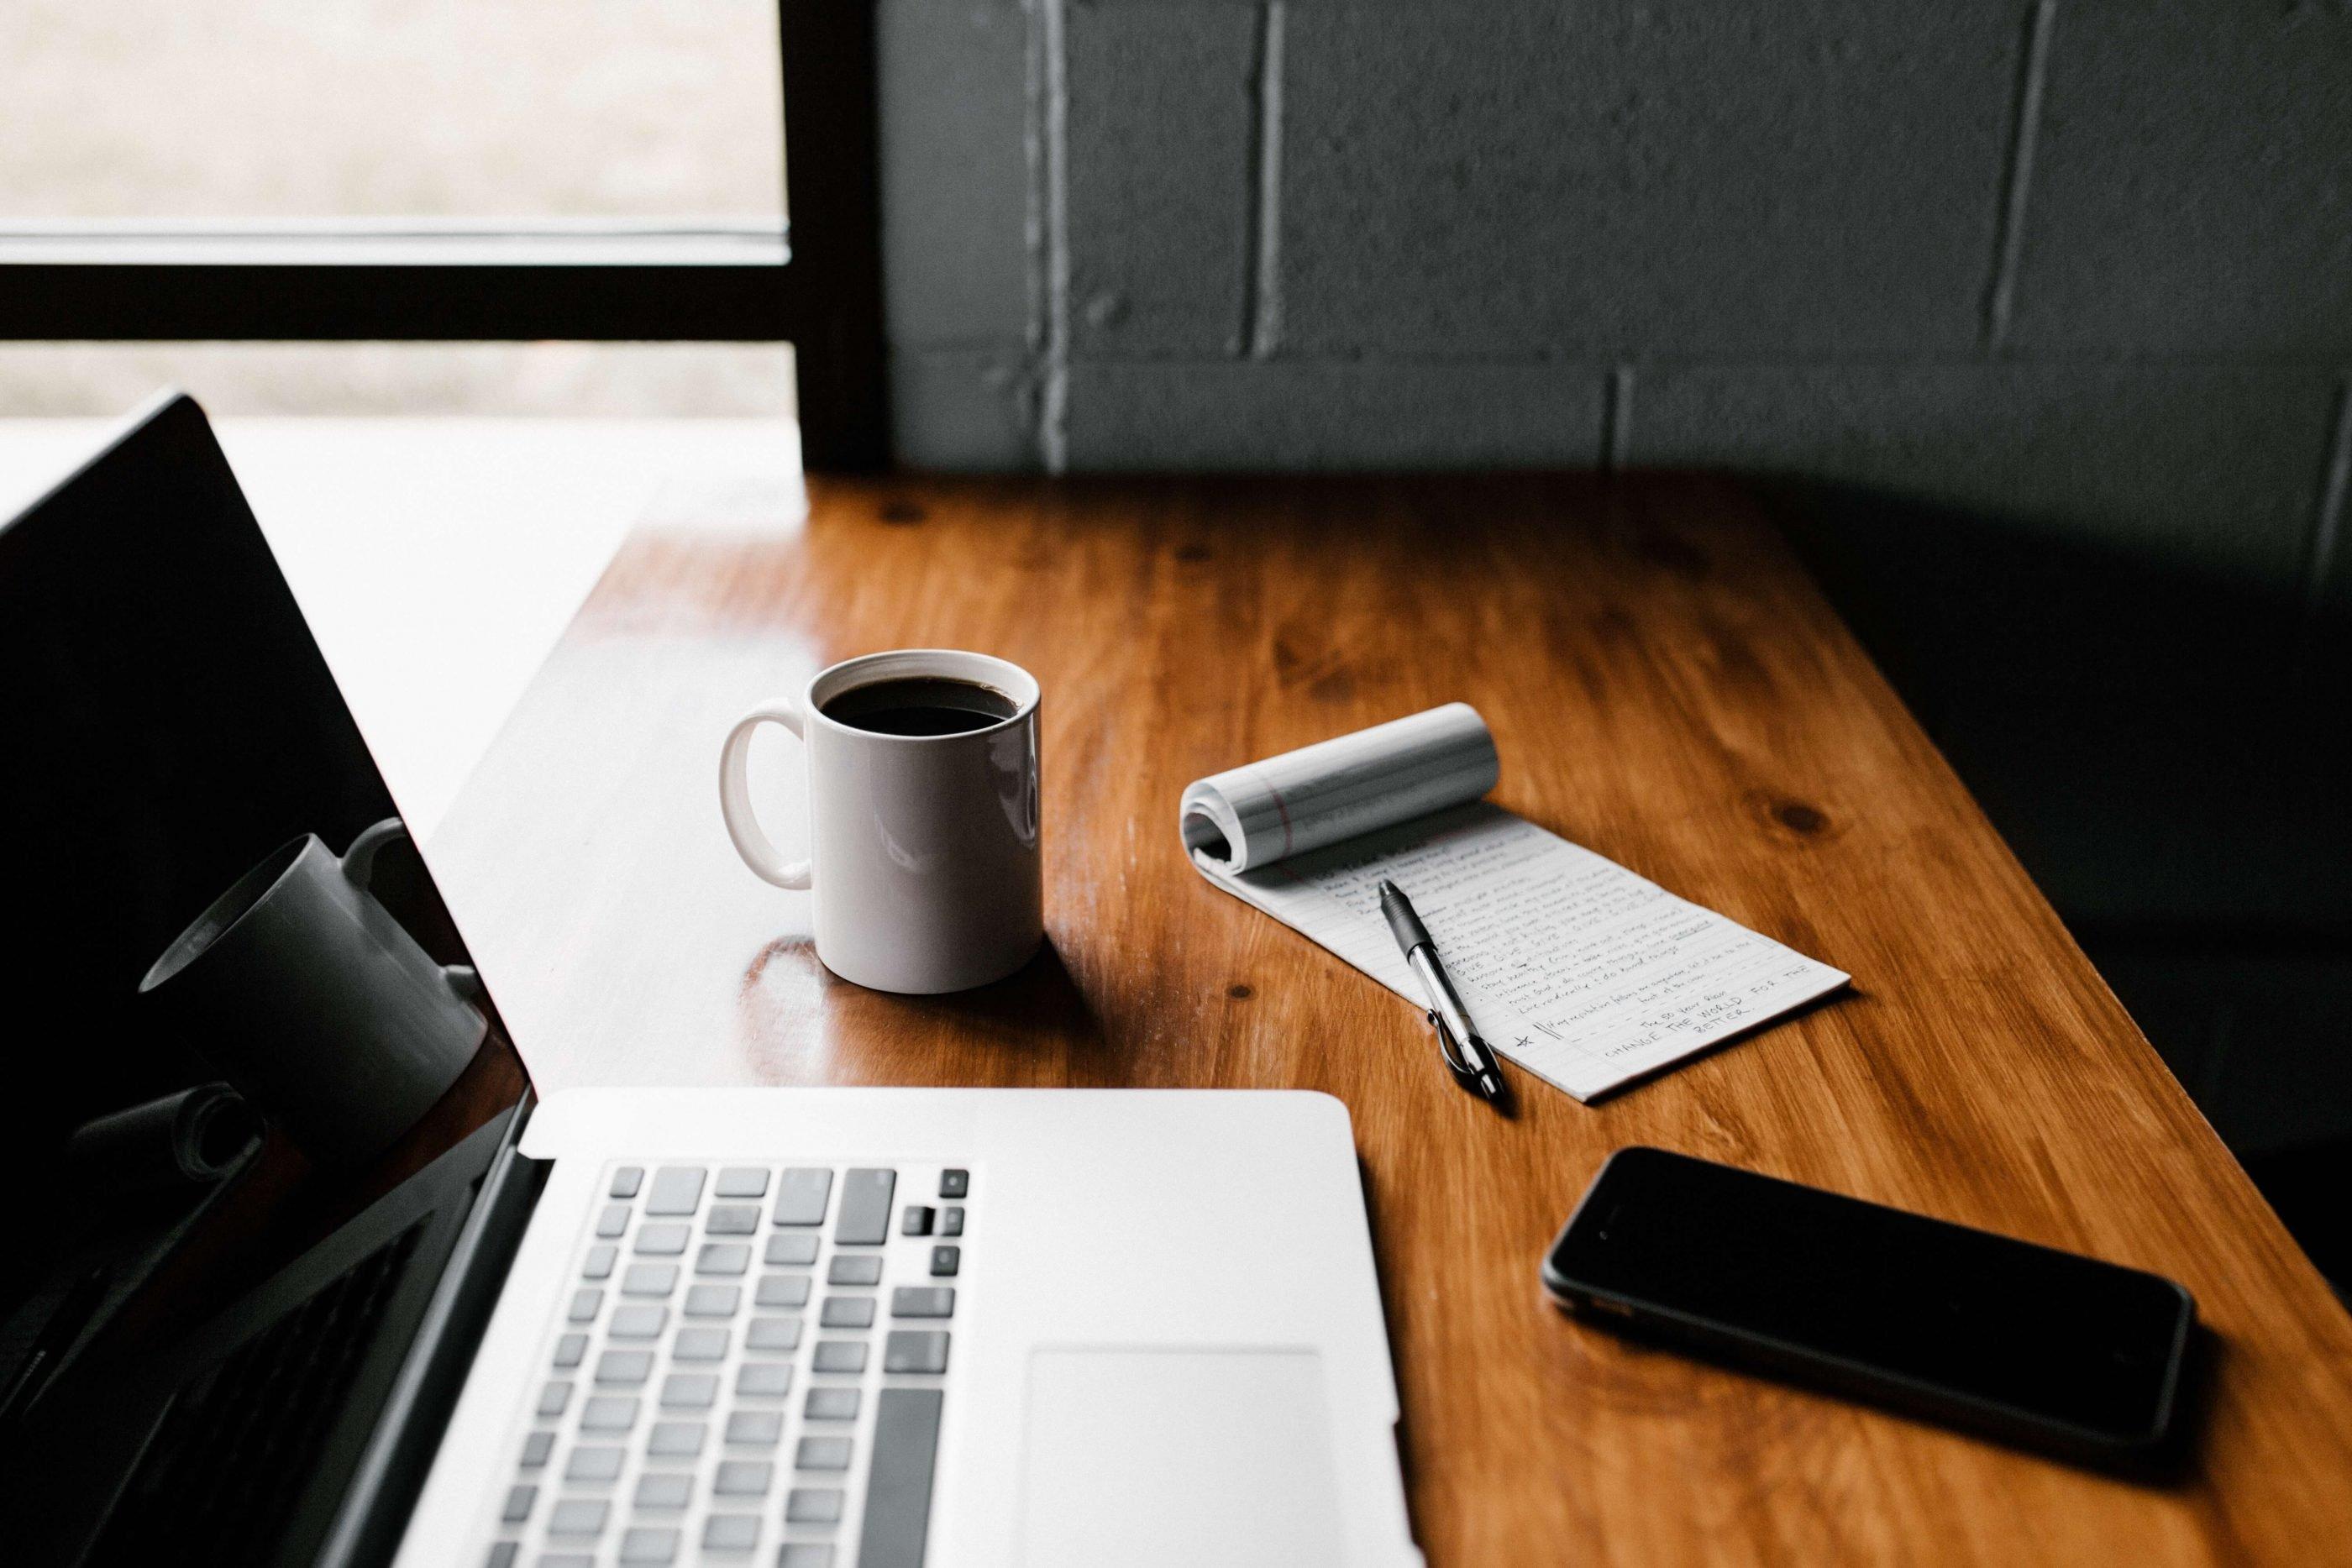 List your scheduled tasks to begin resource scheduling.